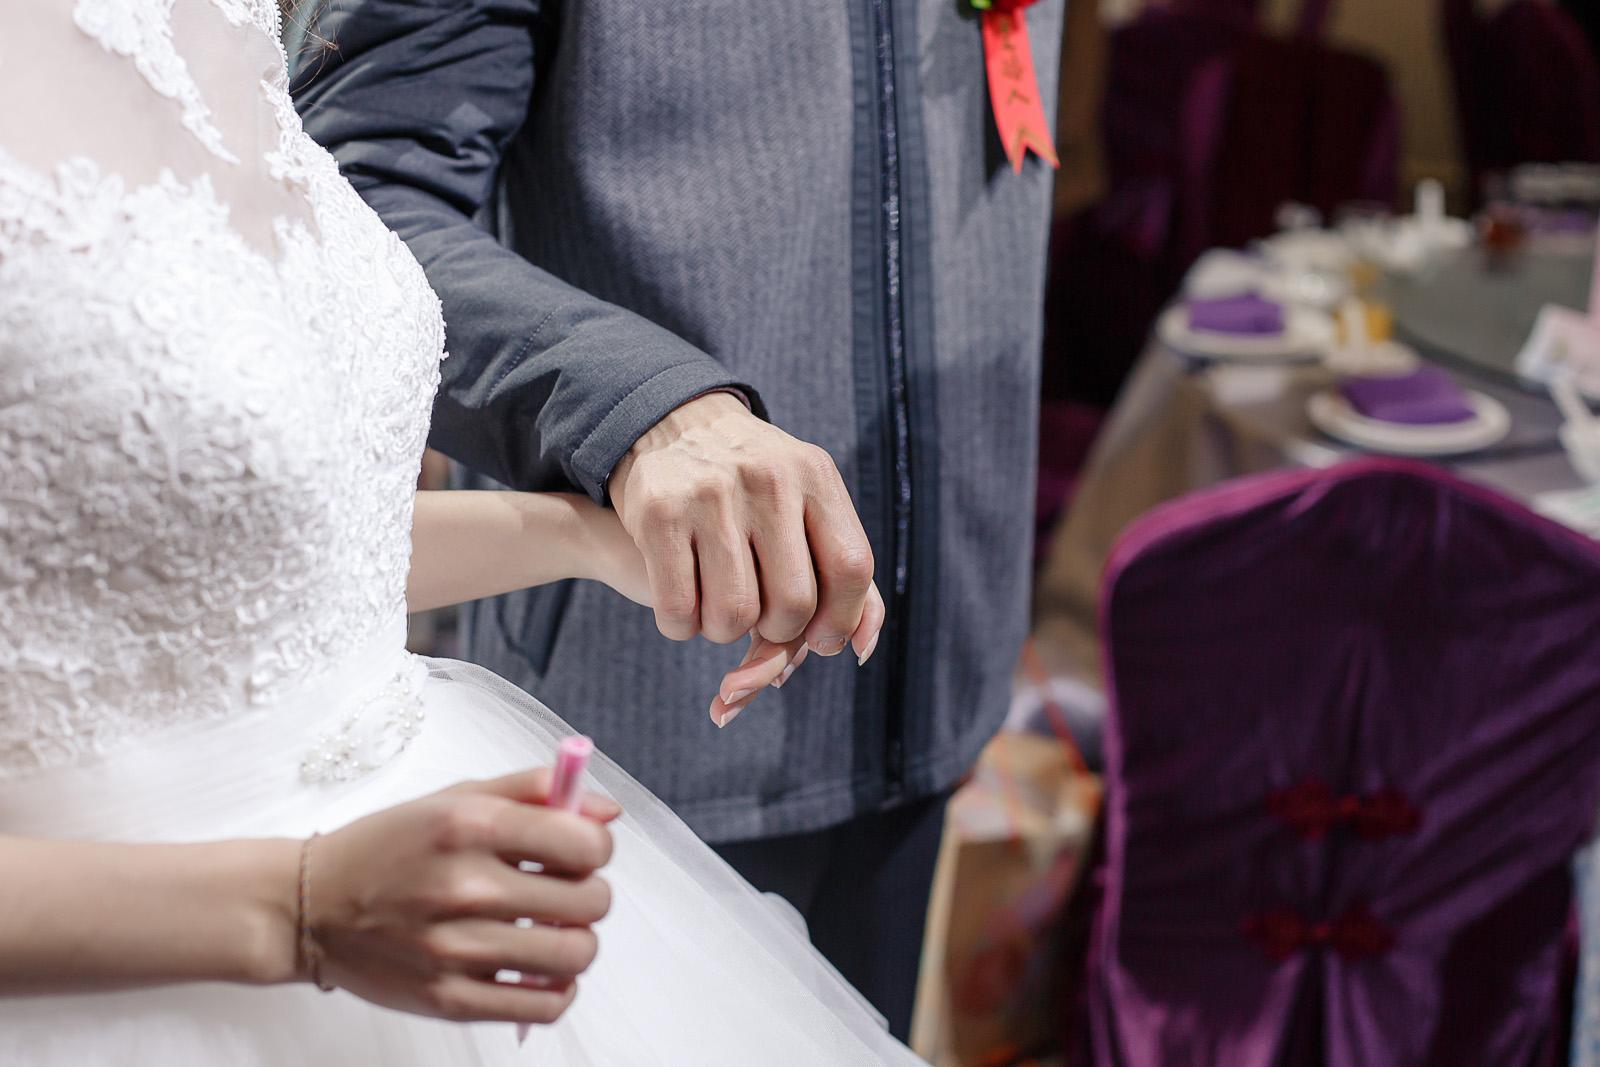 高雄圓山飯店,婚禮攝影,婚攝,高雄婚攝,優質婚攝推薦,Jen&Ethan-200